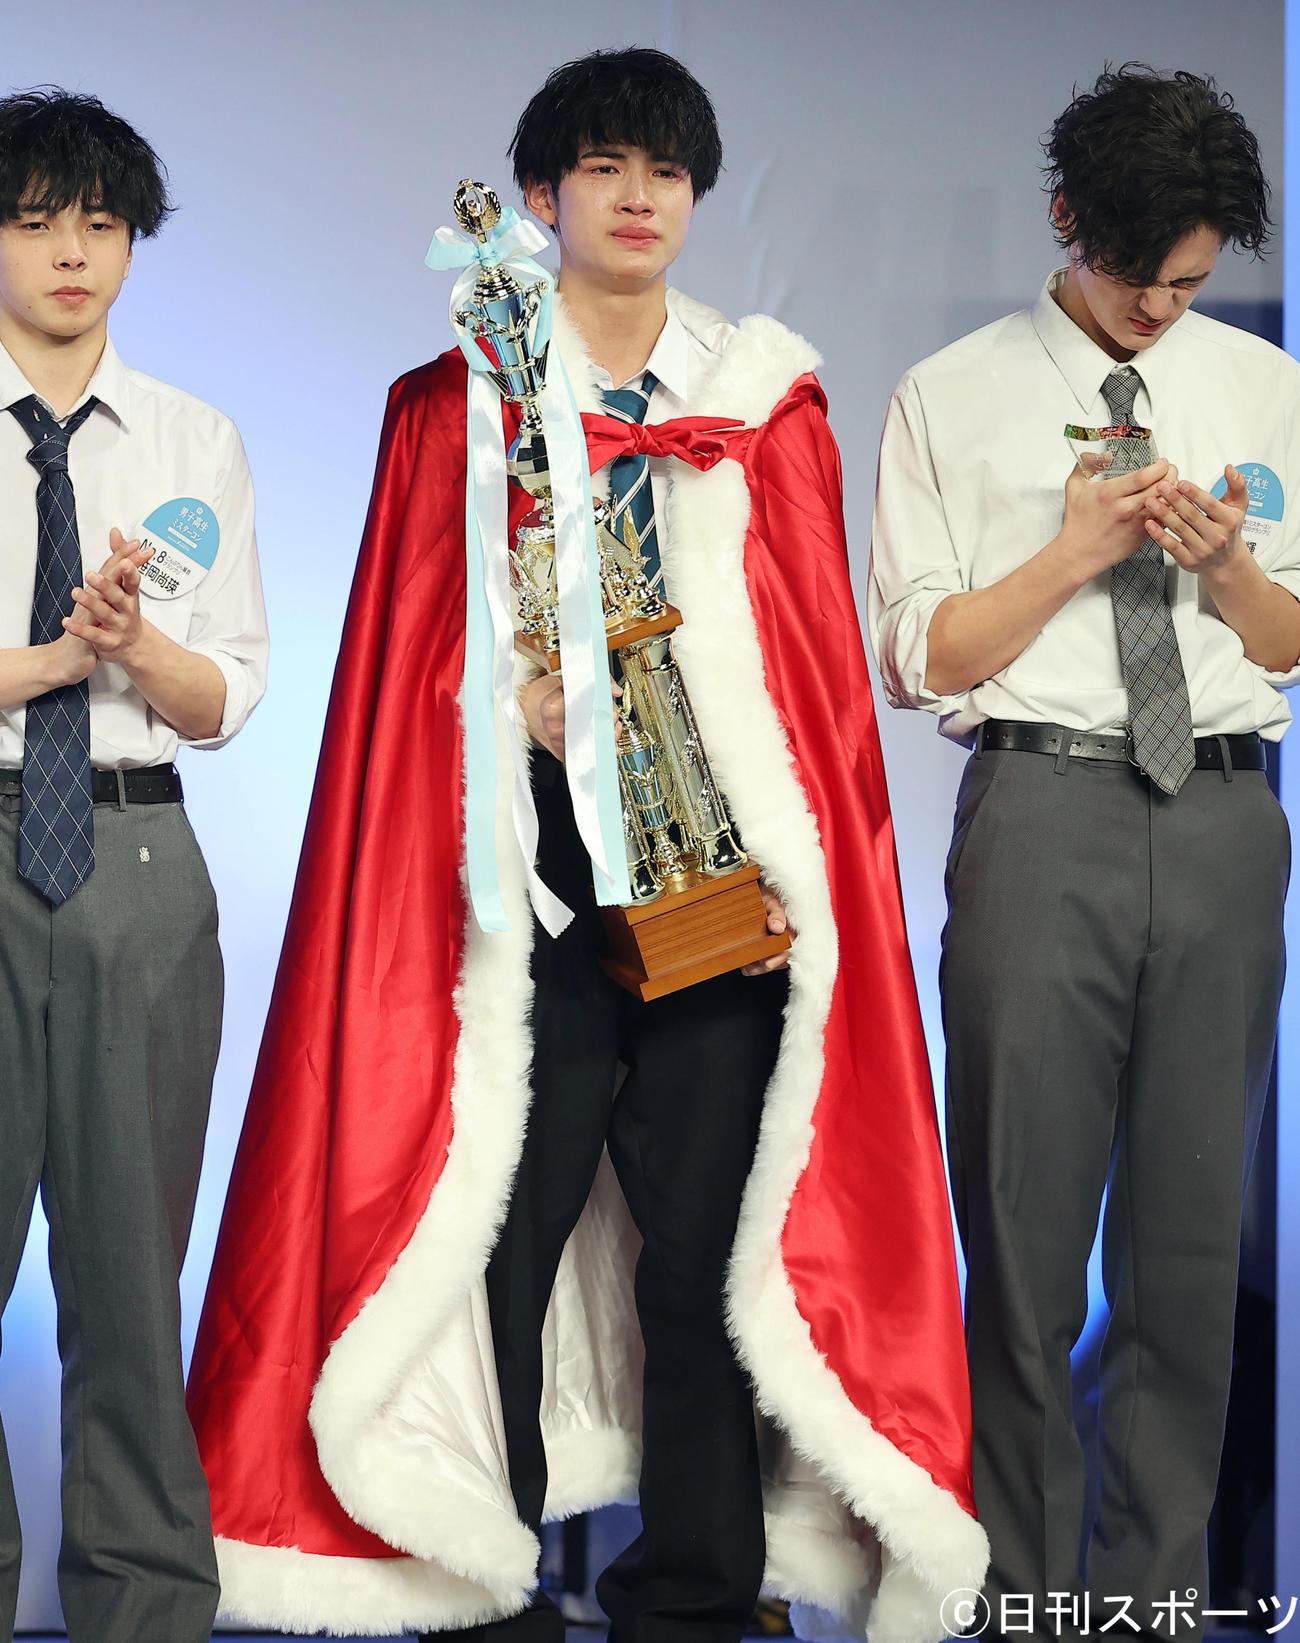 男子高生ミスターコン2020でグランプリに輝いた高校2年生の中野晴仁さん(中央)は涙でほおをぬらす(撮影・浅見桂子)